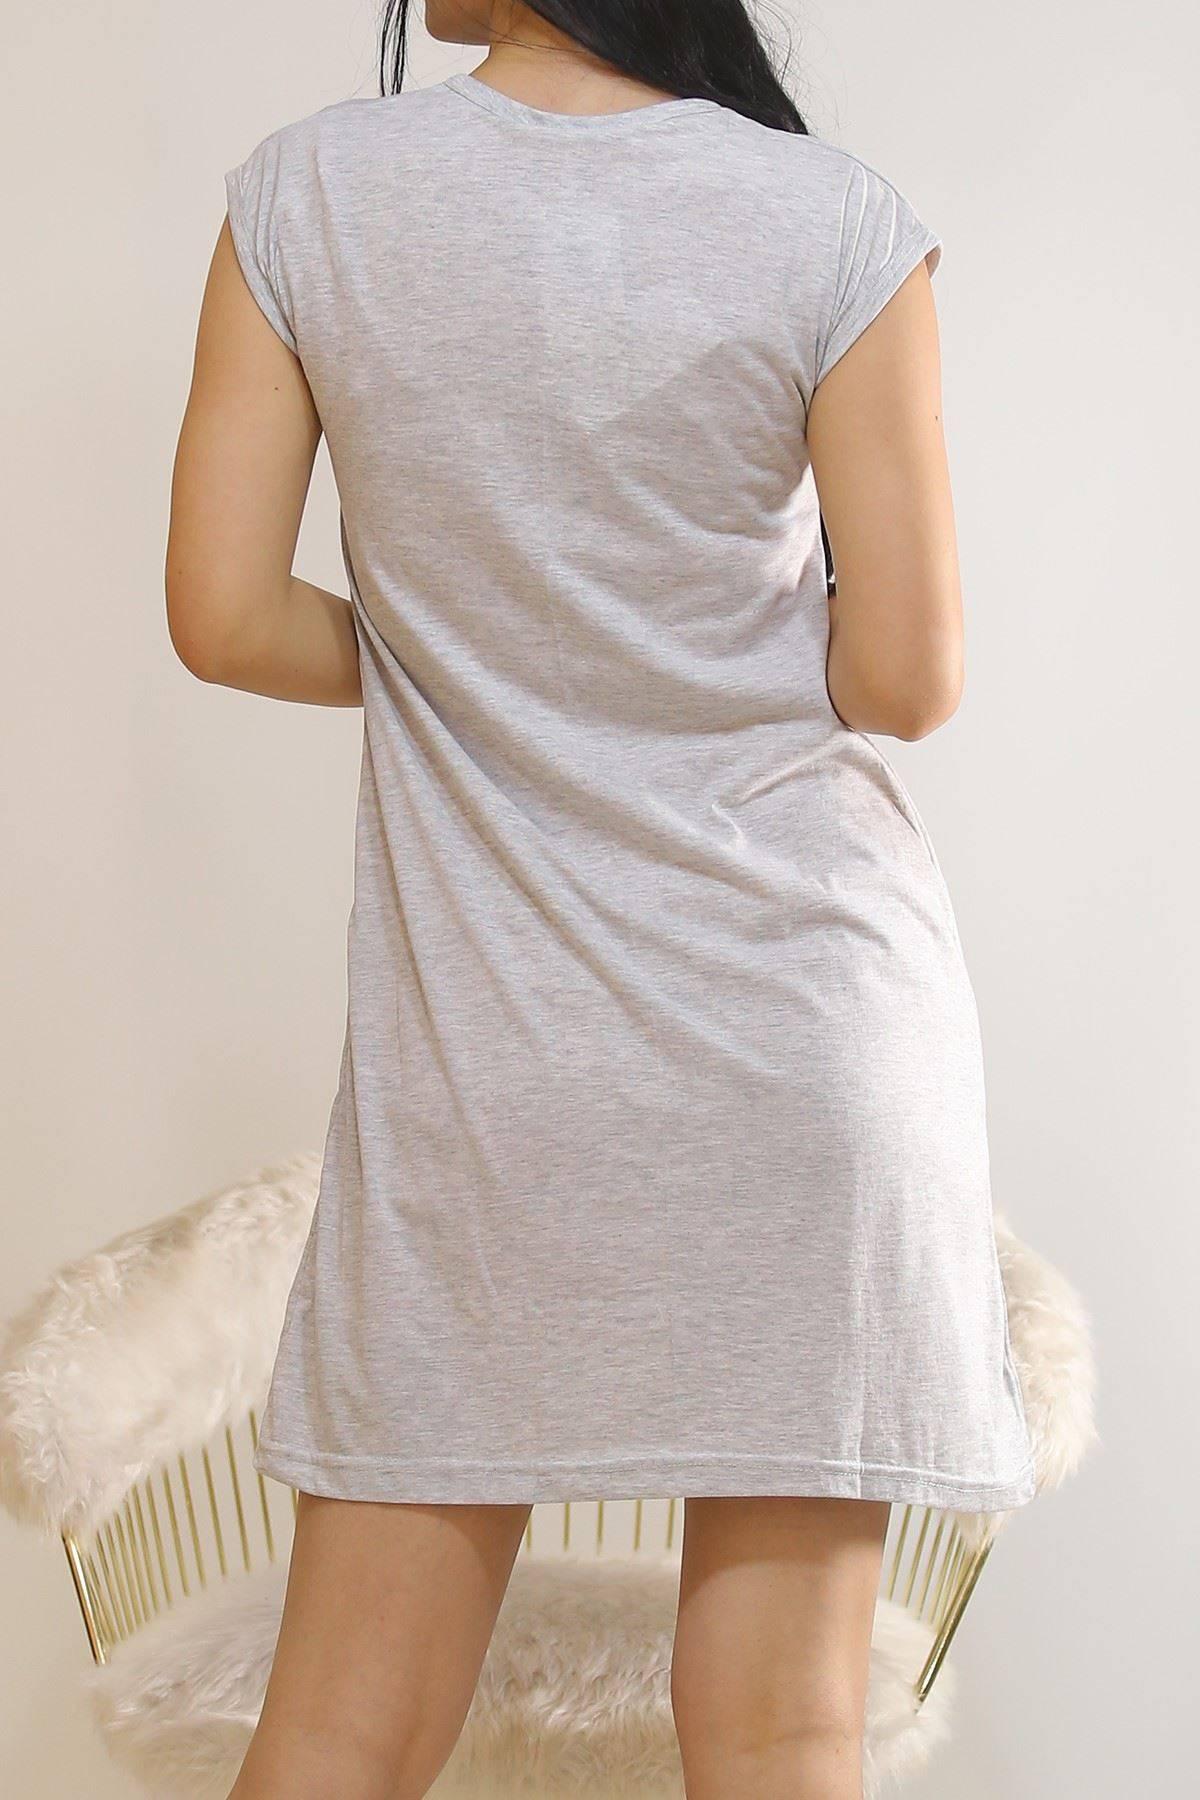 Japone Kol Elbise Gri12 - 5504.1287.